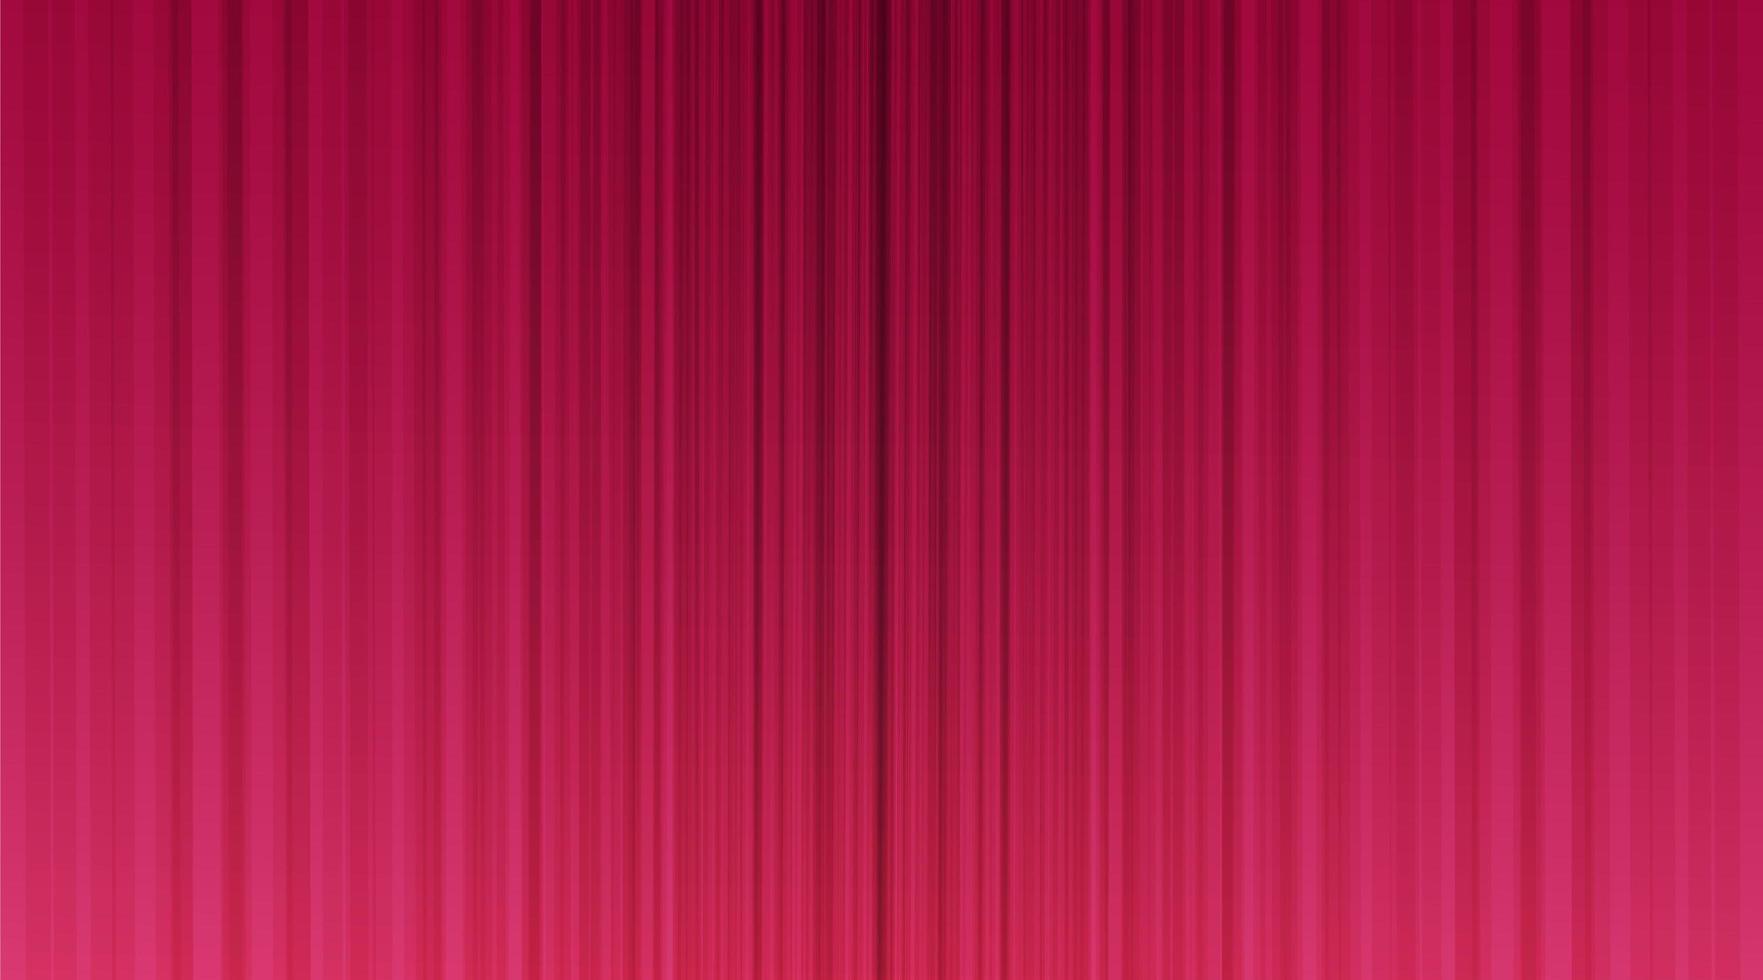 cortina rosa con fondo de escenario vector